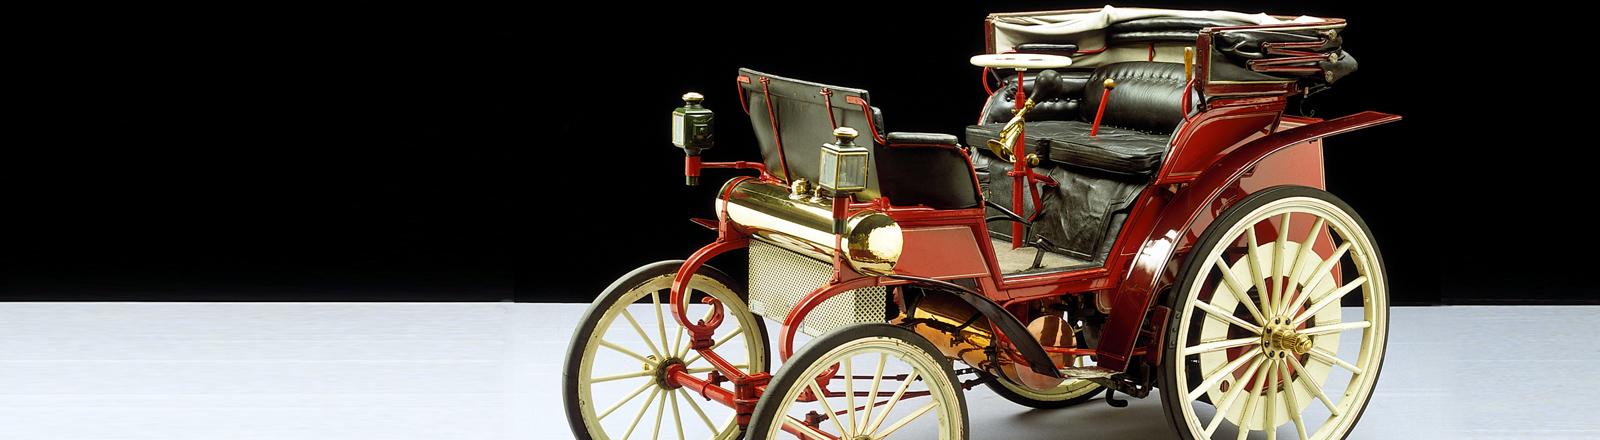 Daimler Riemenwagen, 1895.  Die als Riemenwagen bezeichneten Fahrzeuge sind durch ein 4-Gang-Riemengetriebe für die Kraftübertragung vom Motor auf die Hinterräder gekennzeichnet, mit dem ein weicher Übergang beim Geschwindigkeitswechsel erreicht wurde.